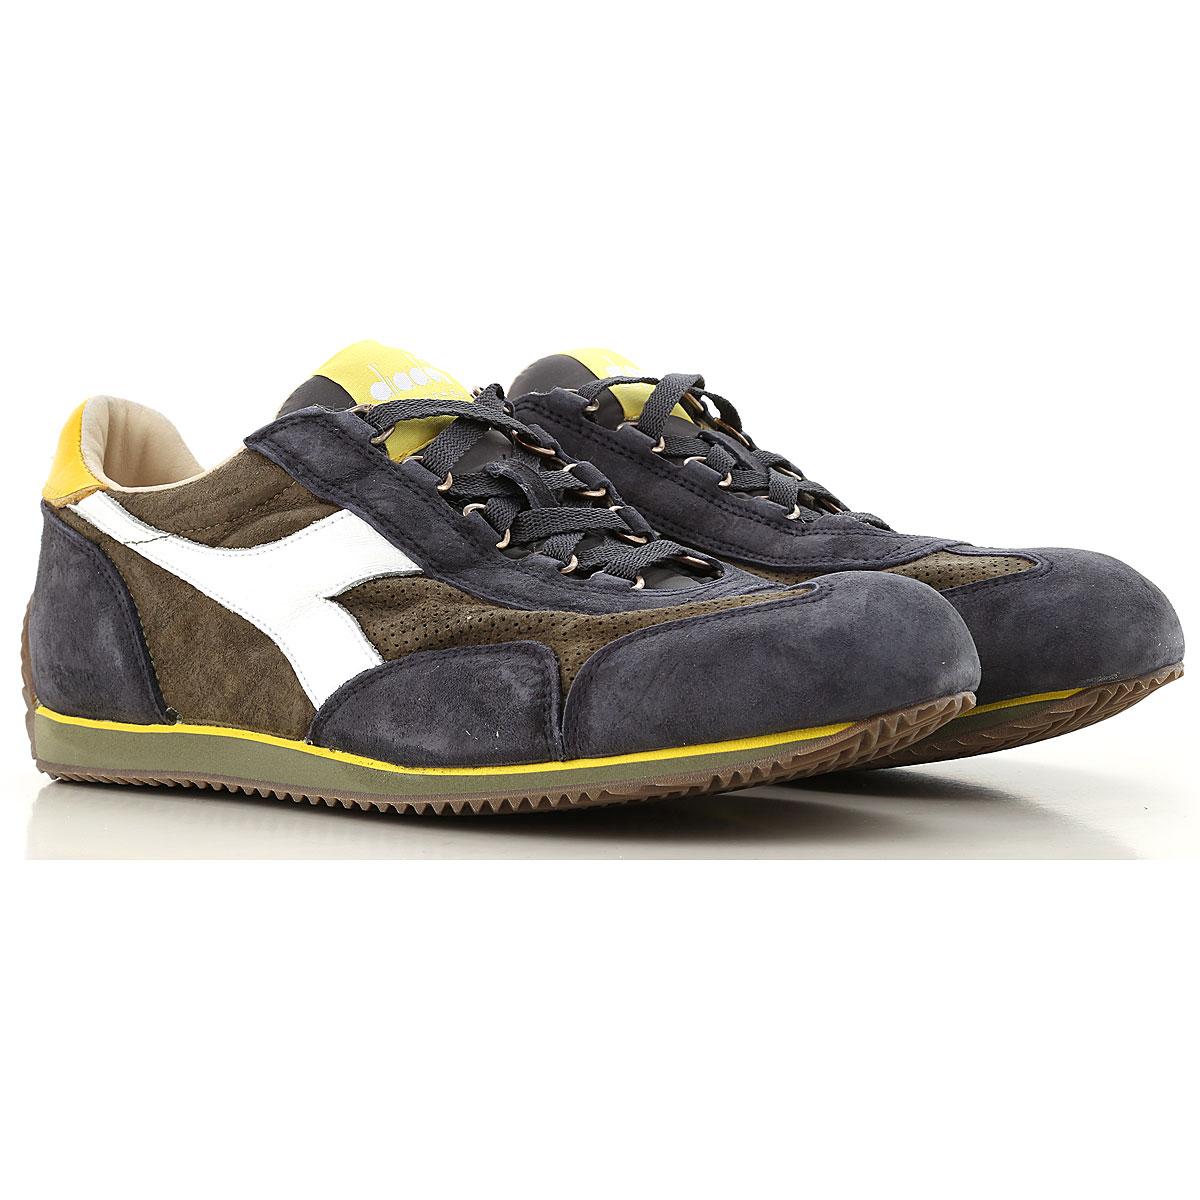 Image of Diadora Mens Shoes, Dark Blue, Suede leather, 2017, US 7 - UK 6.5 - EU 40 US 8 - UK 7.5 - EU 41 US 8 1/2 - UK 8 - EU 42 US 9.5 - UK 9 - EU 43 US 10 - UK 9 1/2 - EU 44